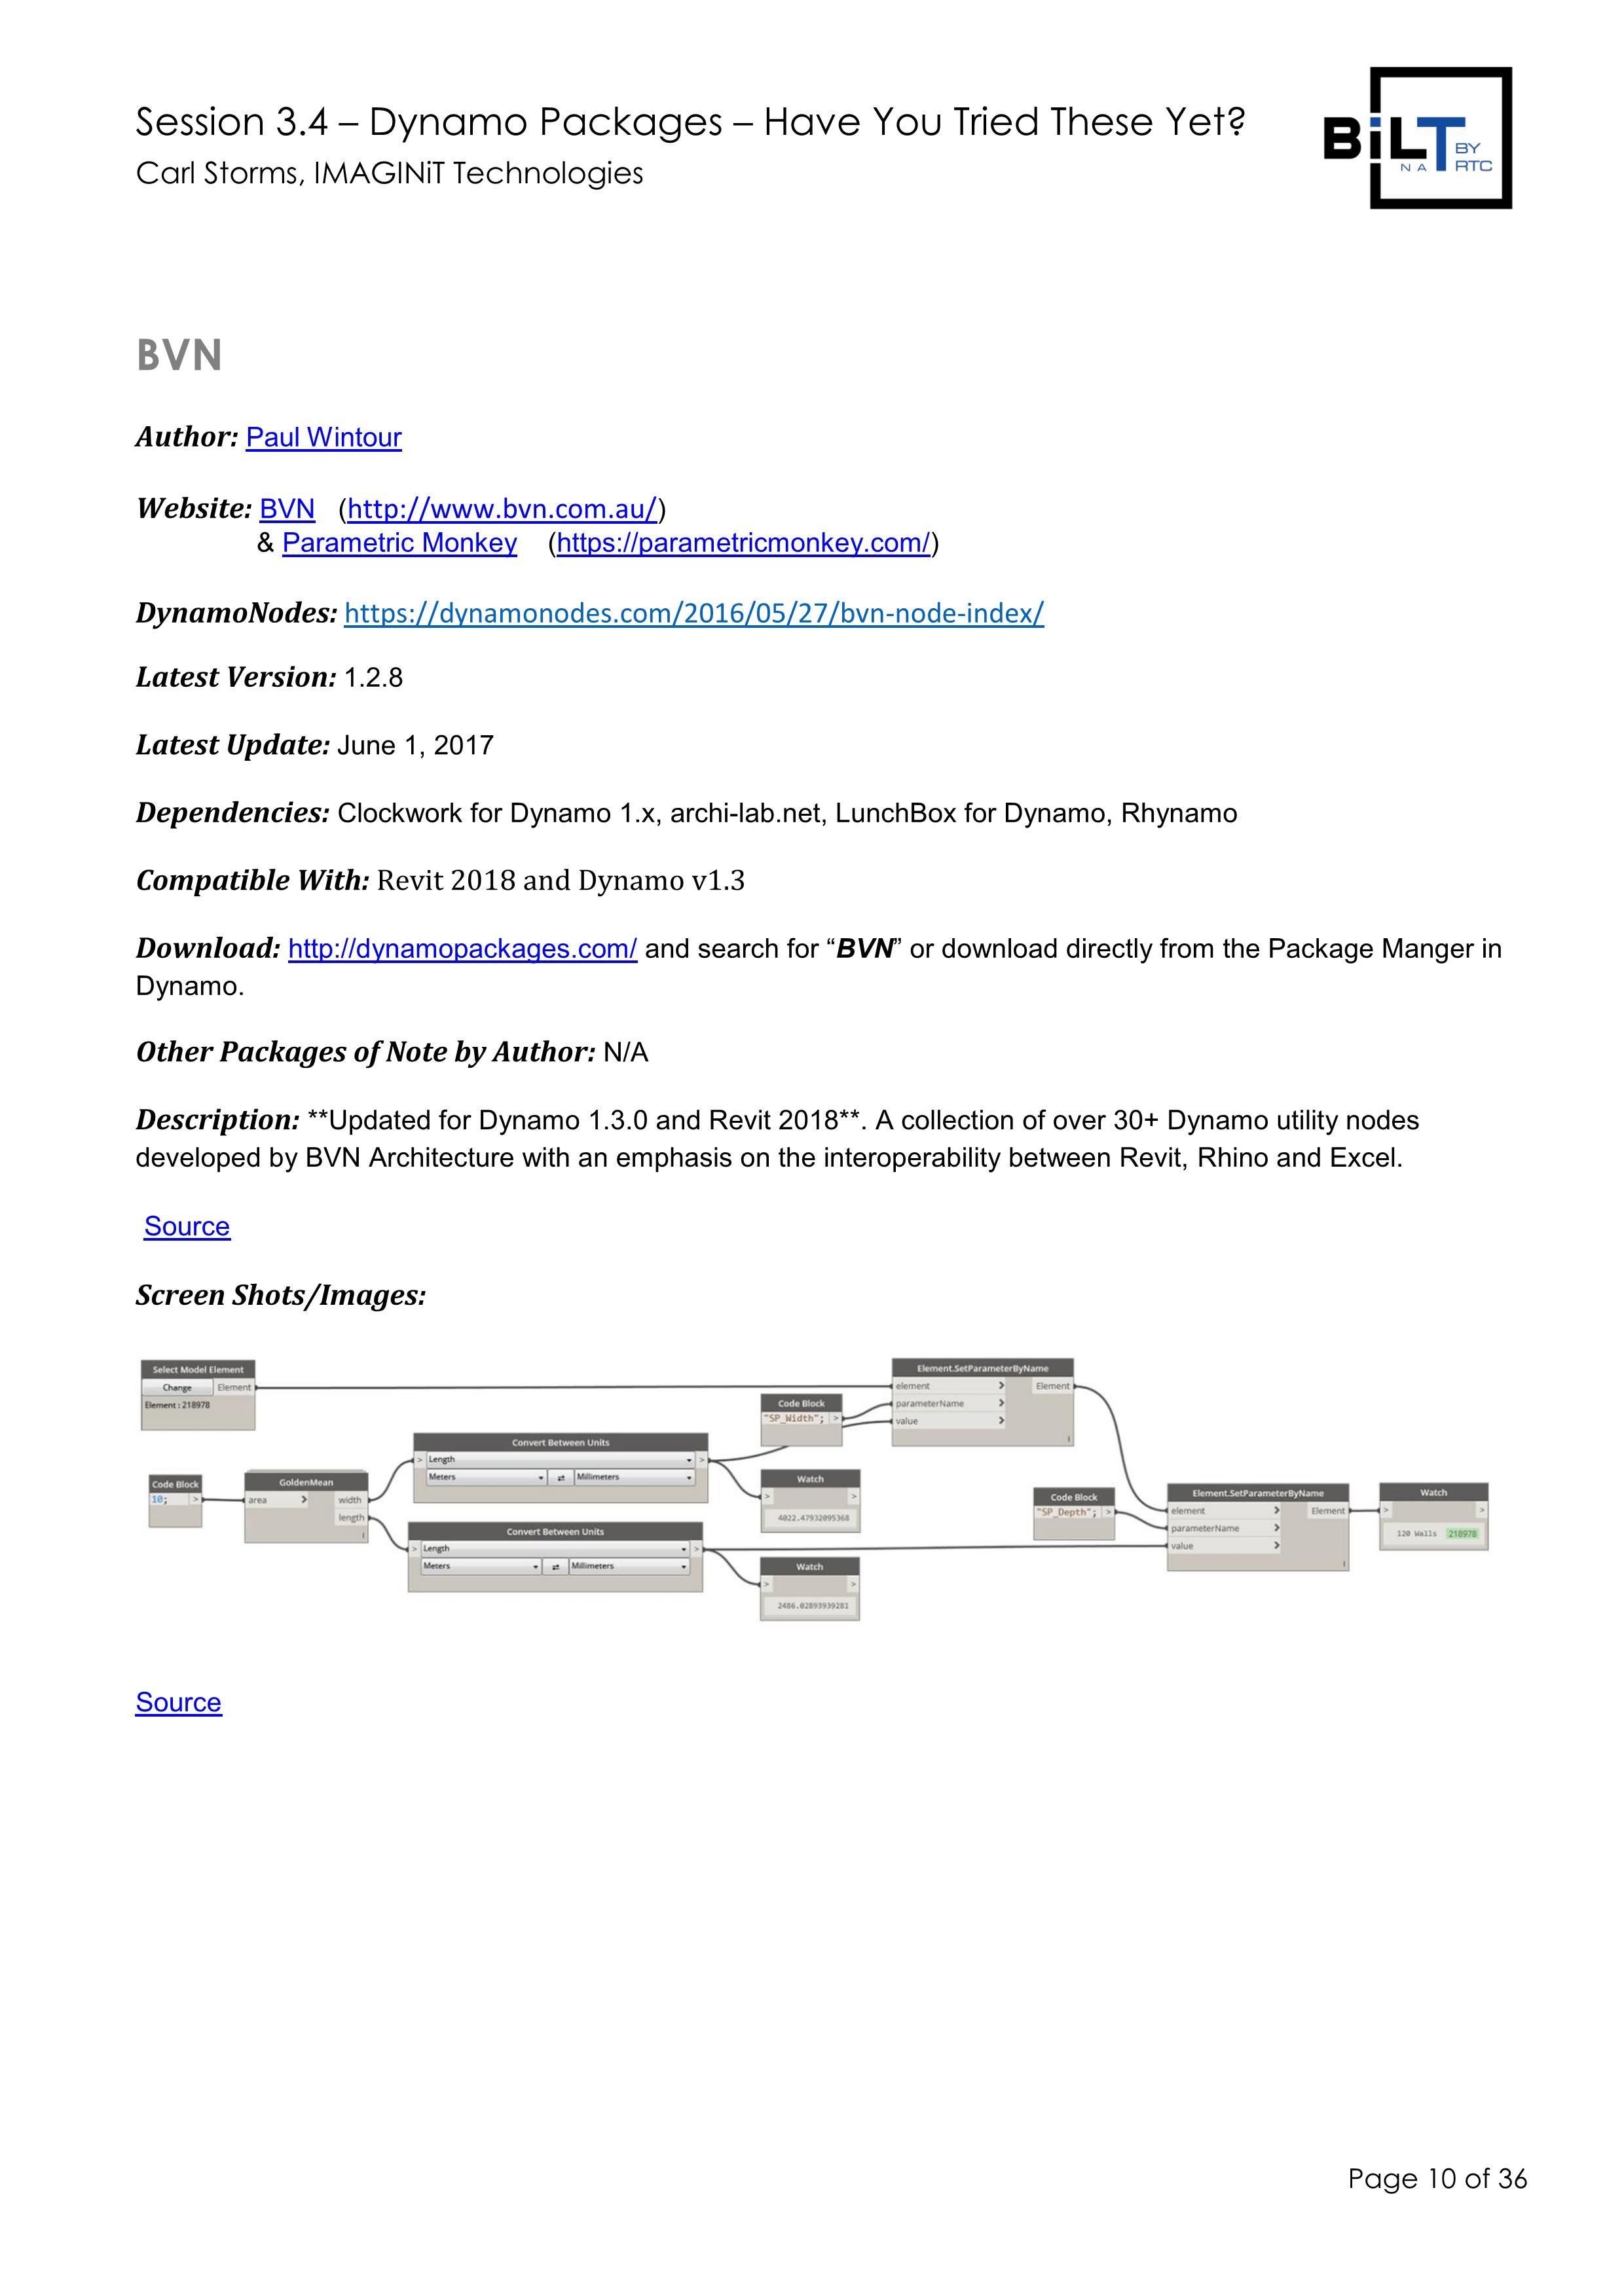 DynamoPackagesHaveYouTried Page 010.jpg